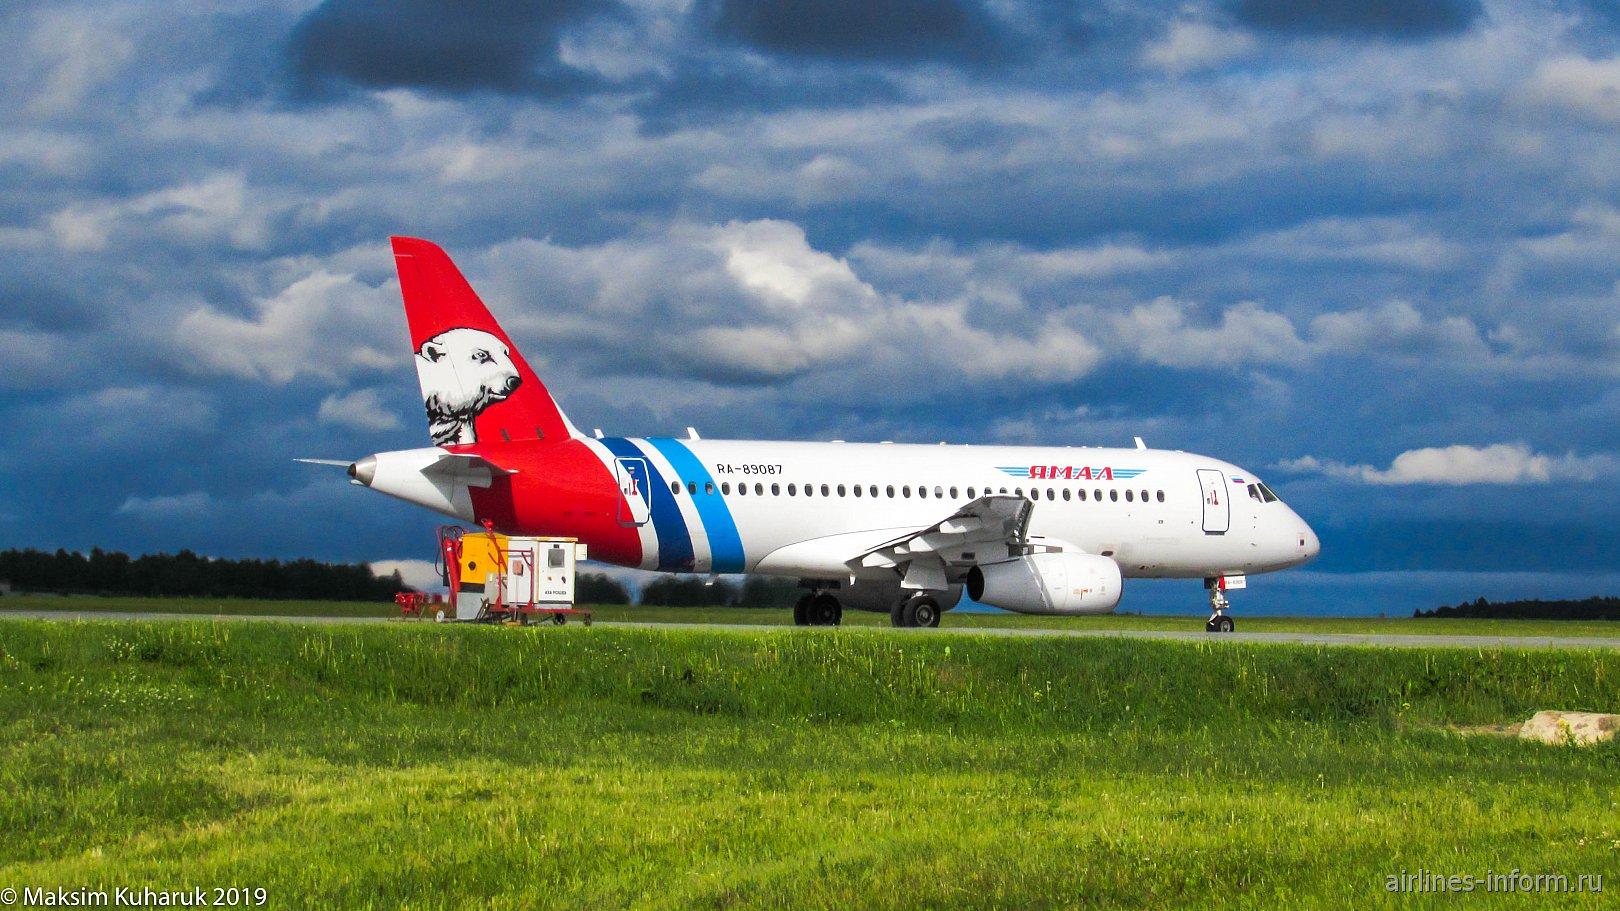 """Самолет Суперджет-100 RA-89087 авиакомпании """"Ямал"""" в аэропорту Тюмень Рощино"""